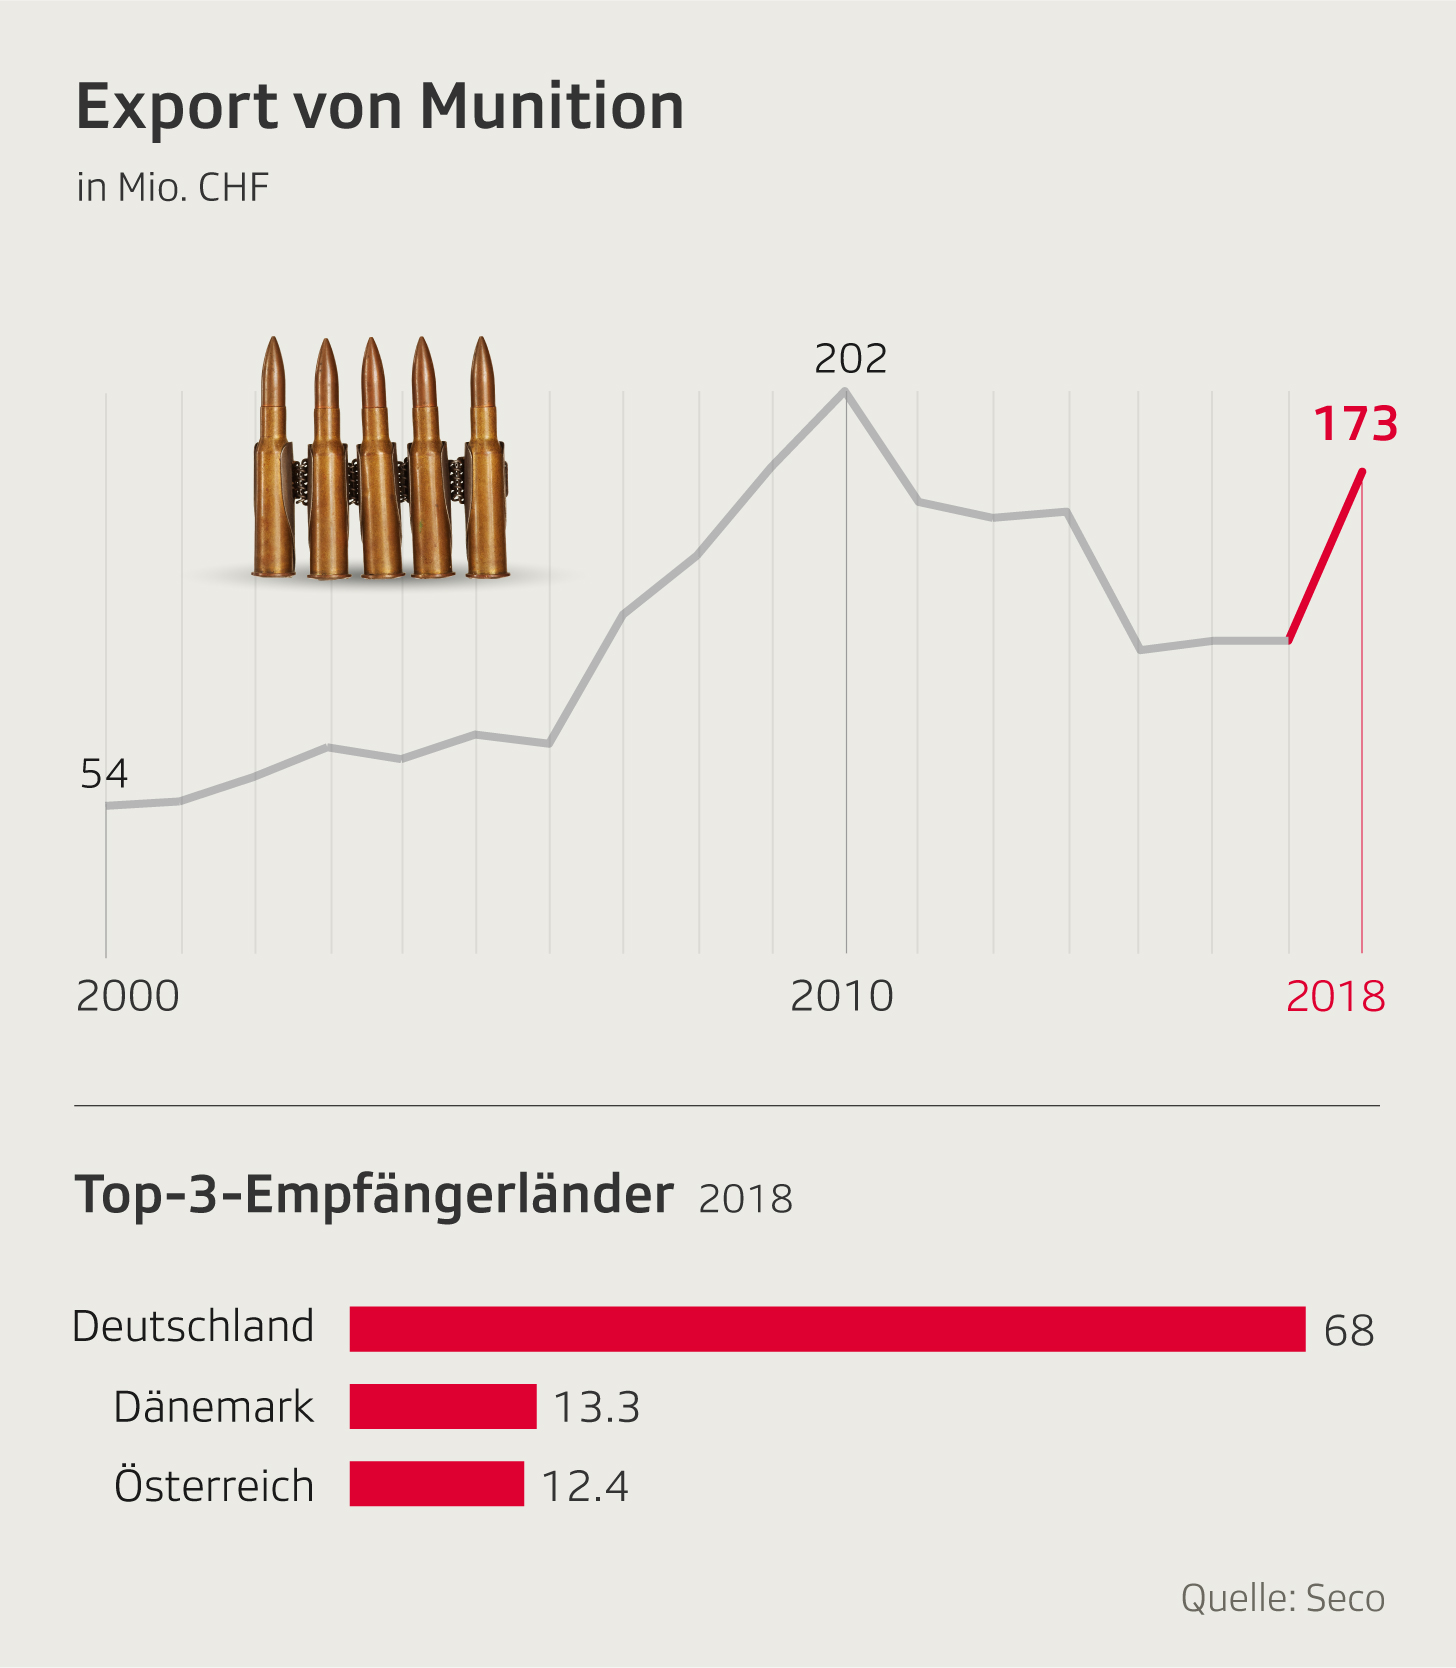 Die Infografik zeigt den Export von Munition aus der Schweiz in den letzten 18 Jahren